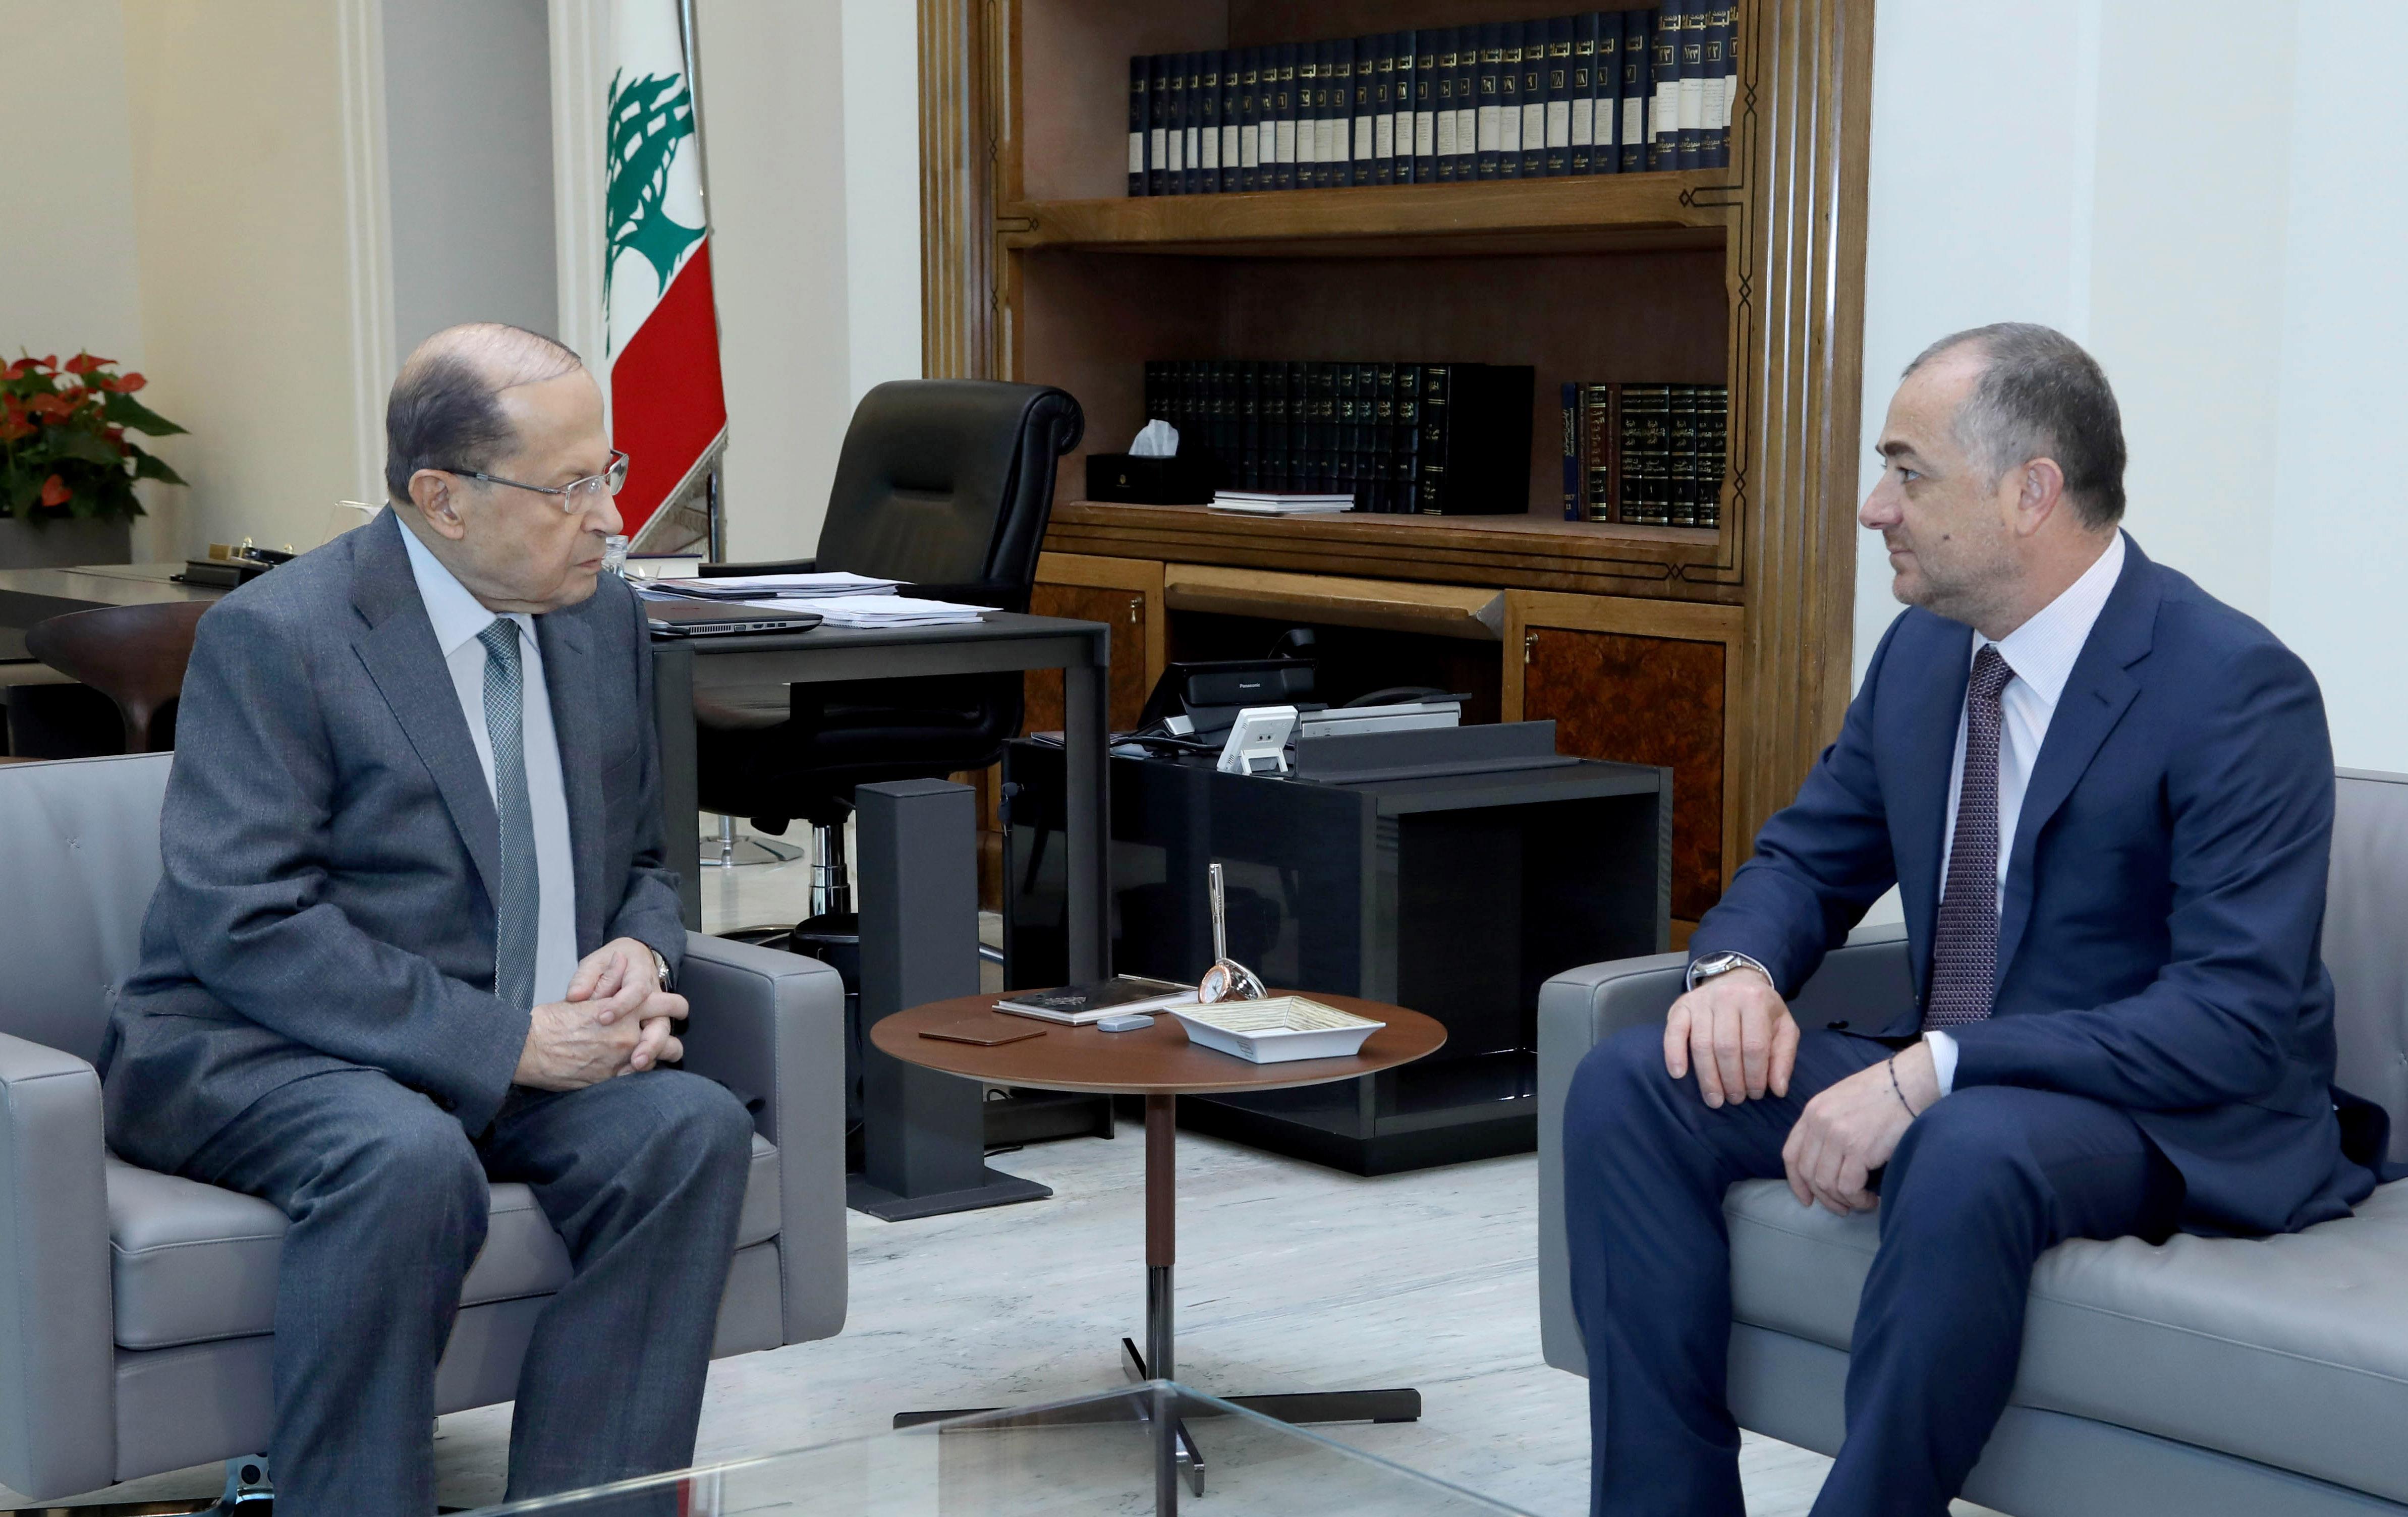 03 - Minister Elias Bou Saab